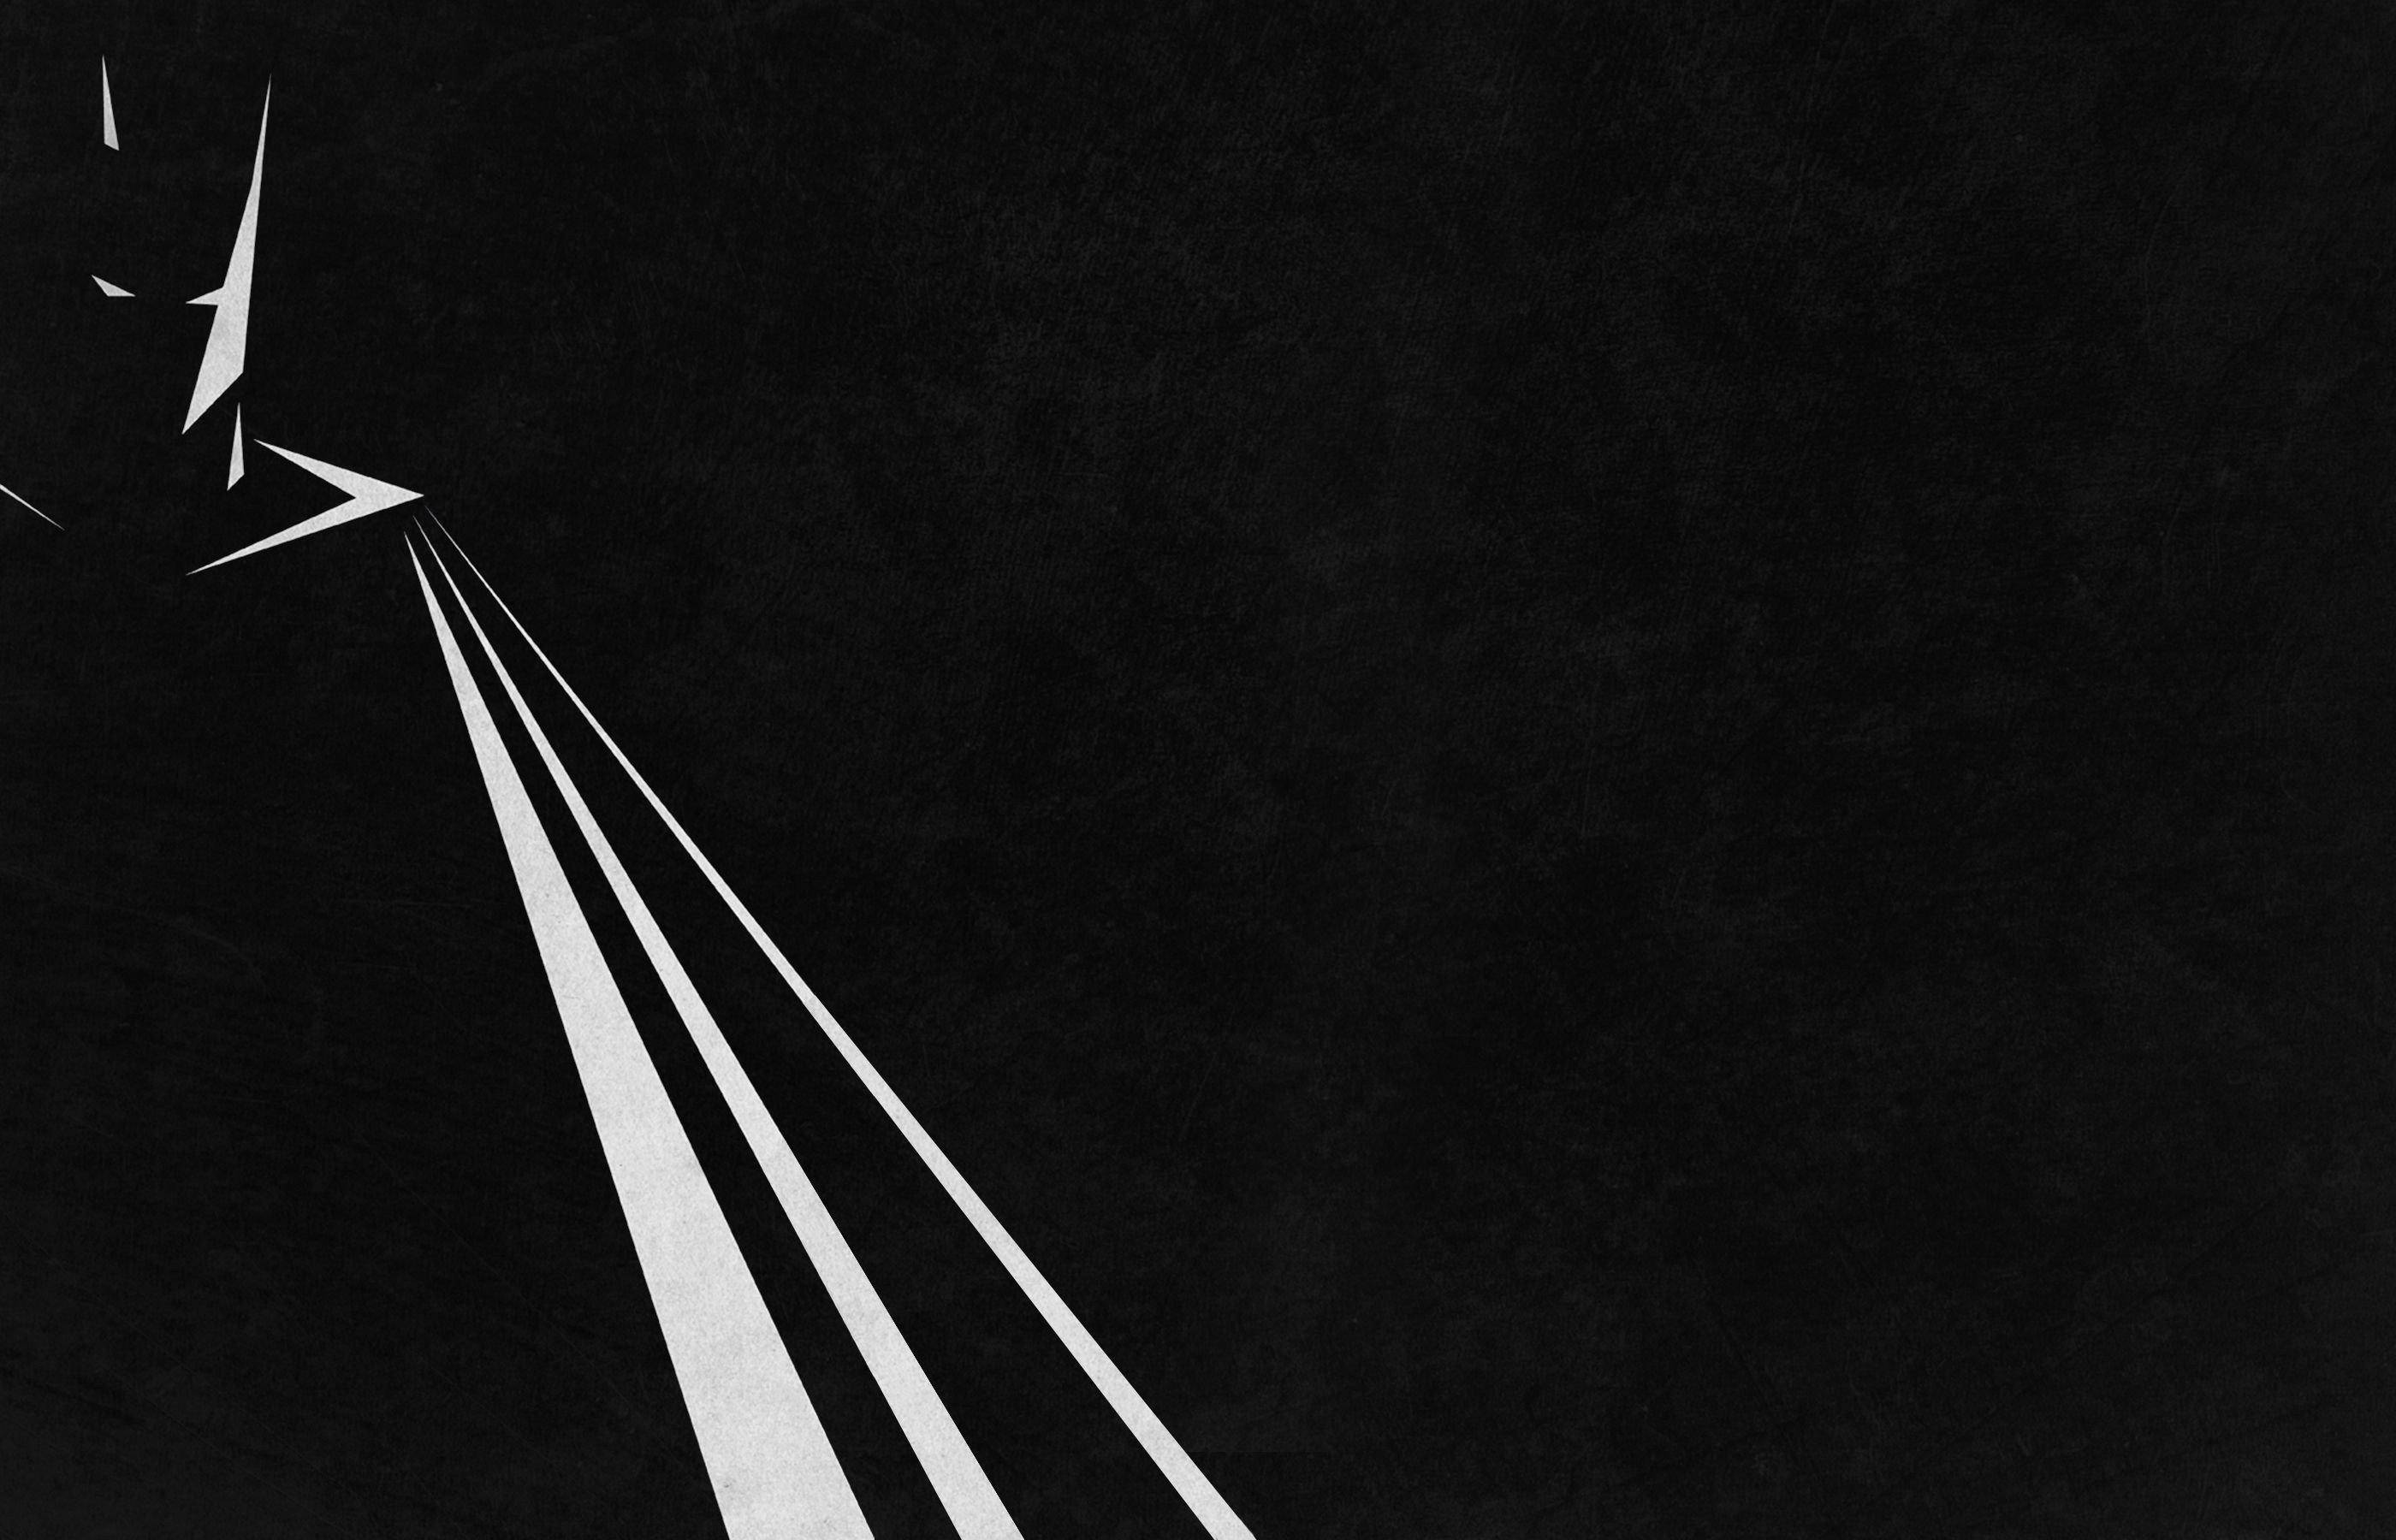 2800x1800 px Batman DC Comics minimalism